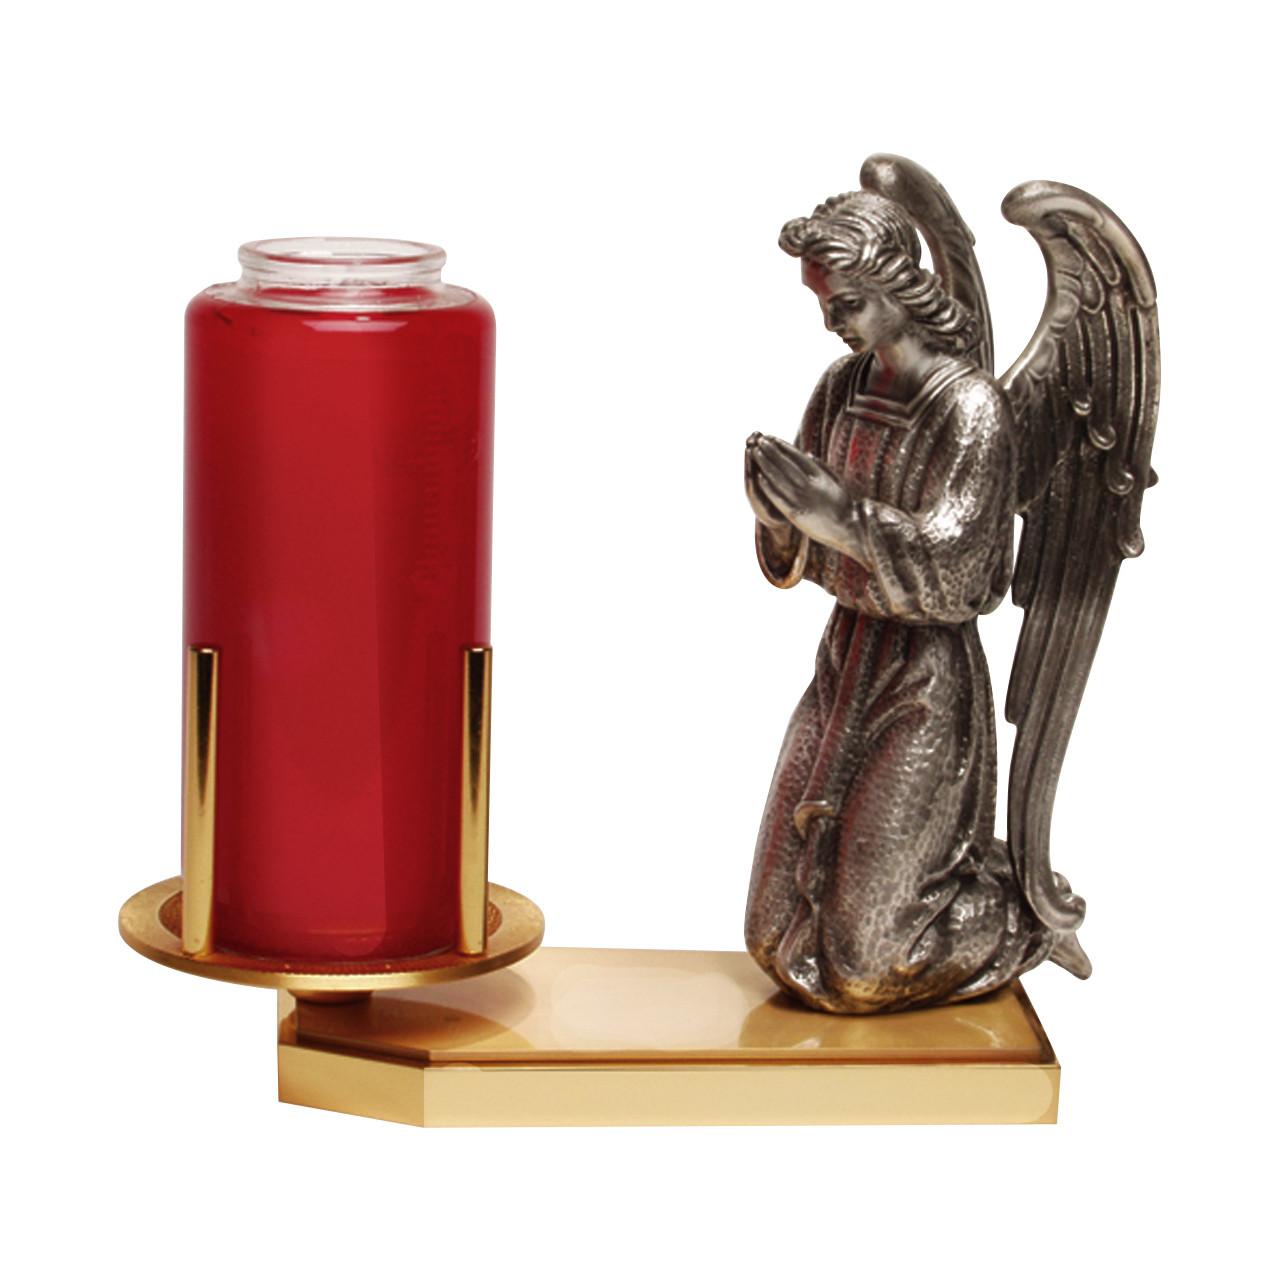 K202 Devotional Candle Holder